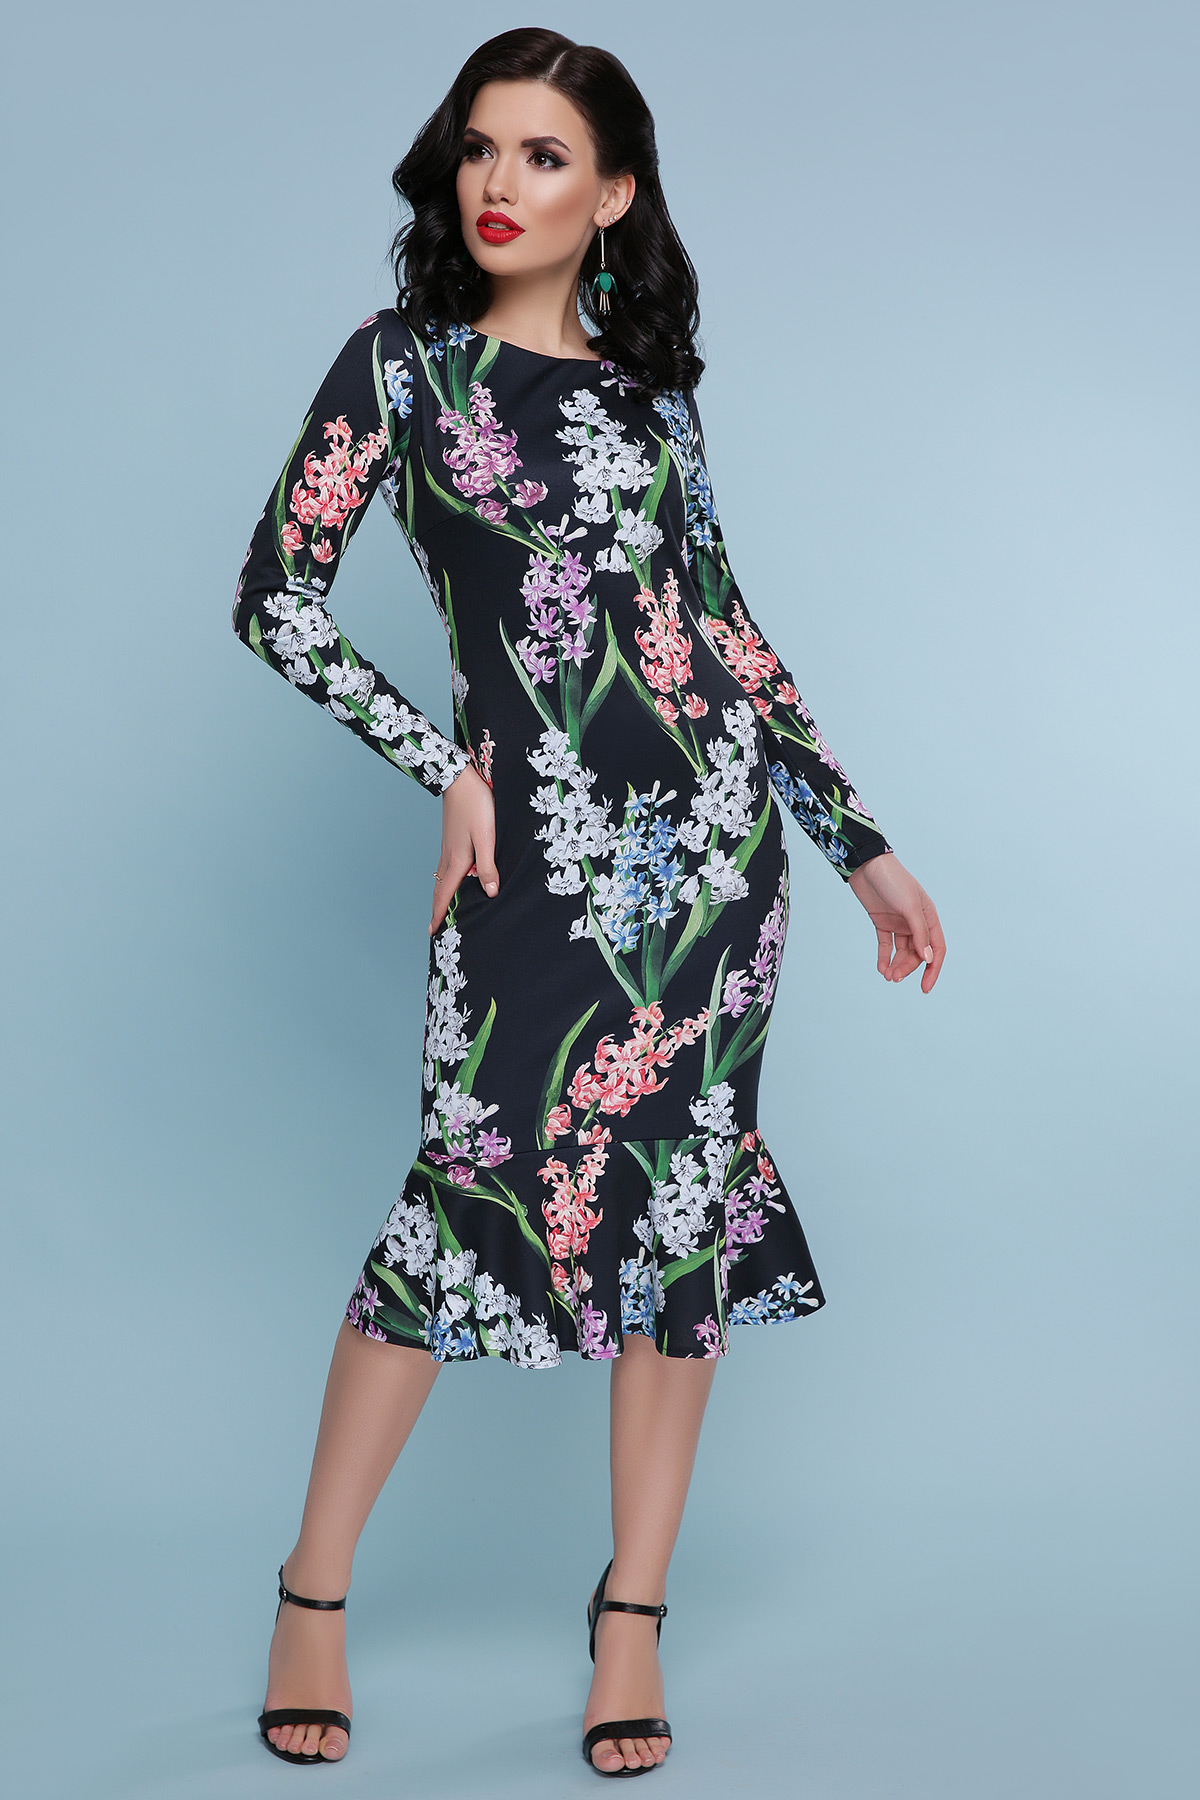 05e2a1245dc черное платье с цветами. Гиацинты платье Фаина д р. Цвет  черный купить ...